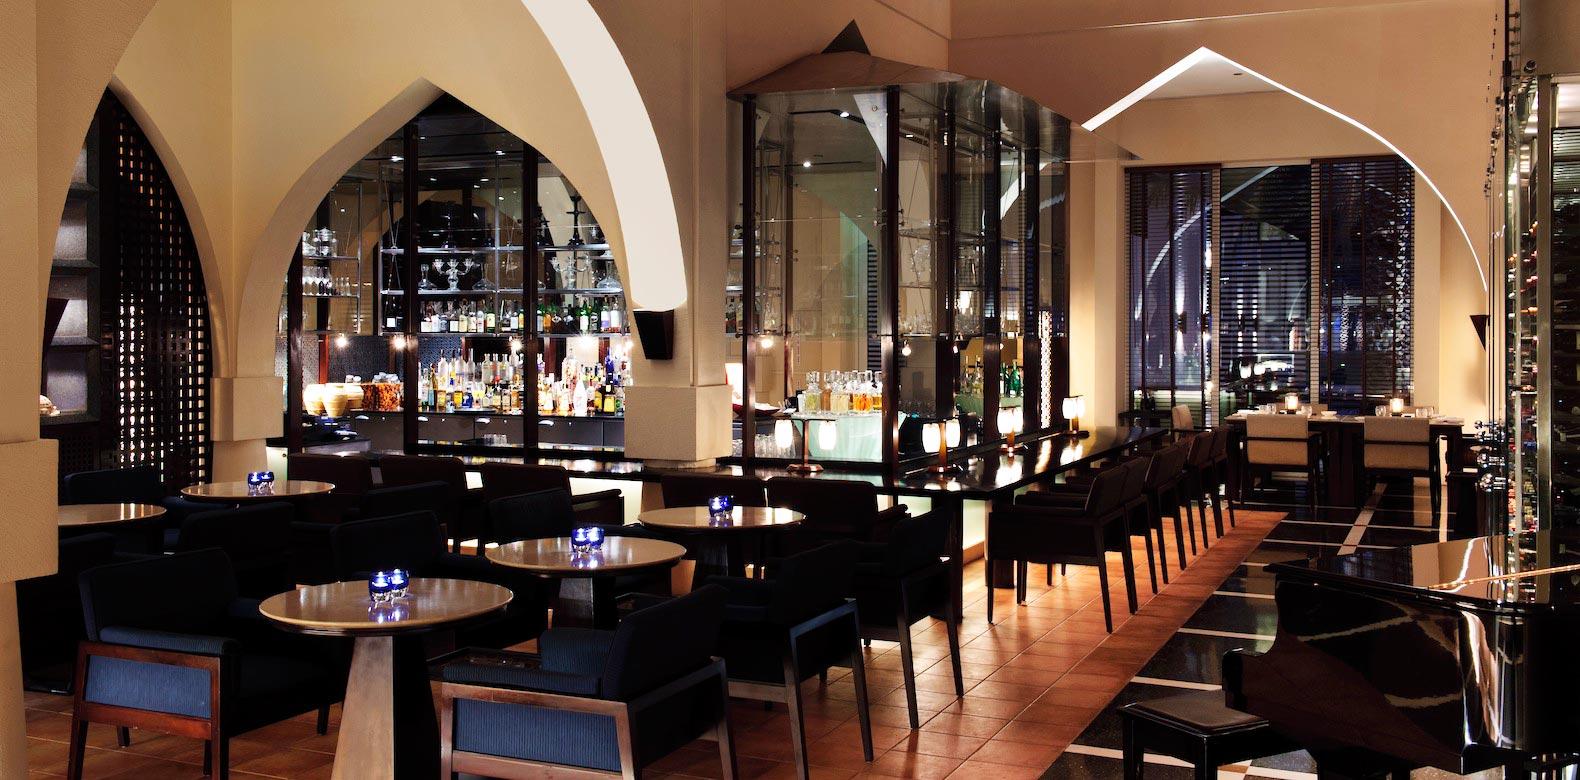 Фото ресторана в Омане